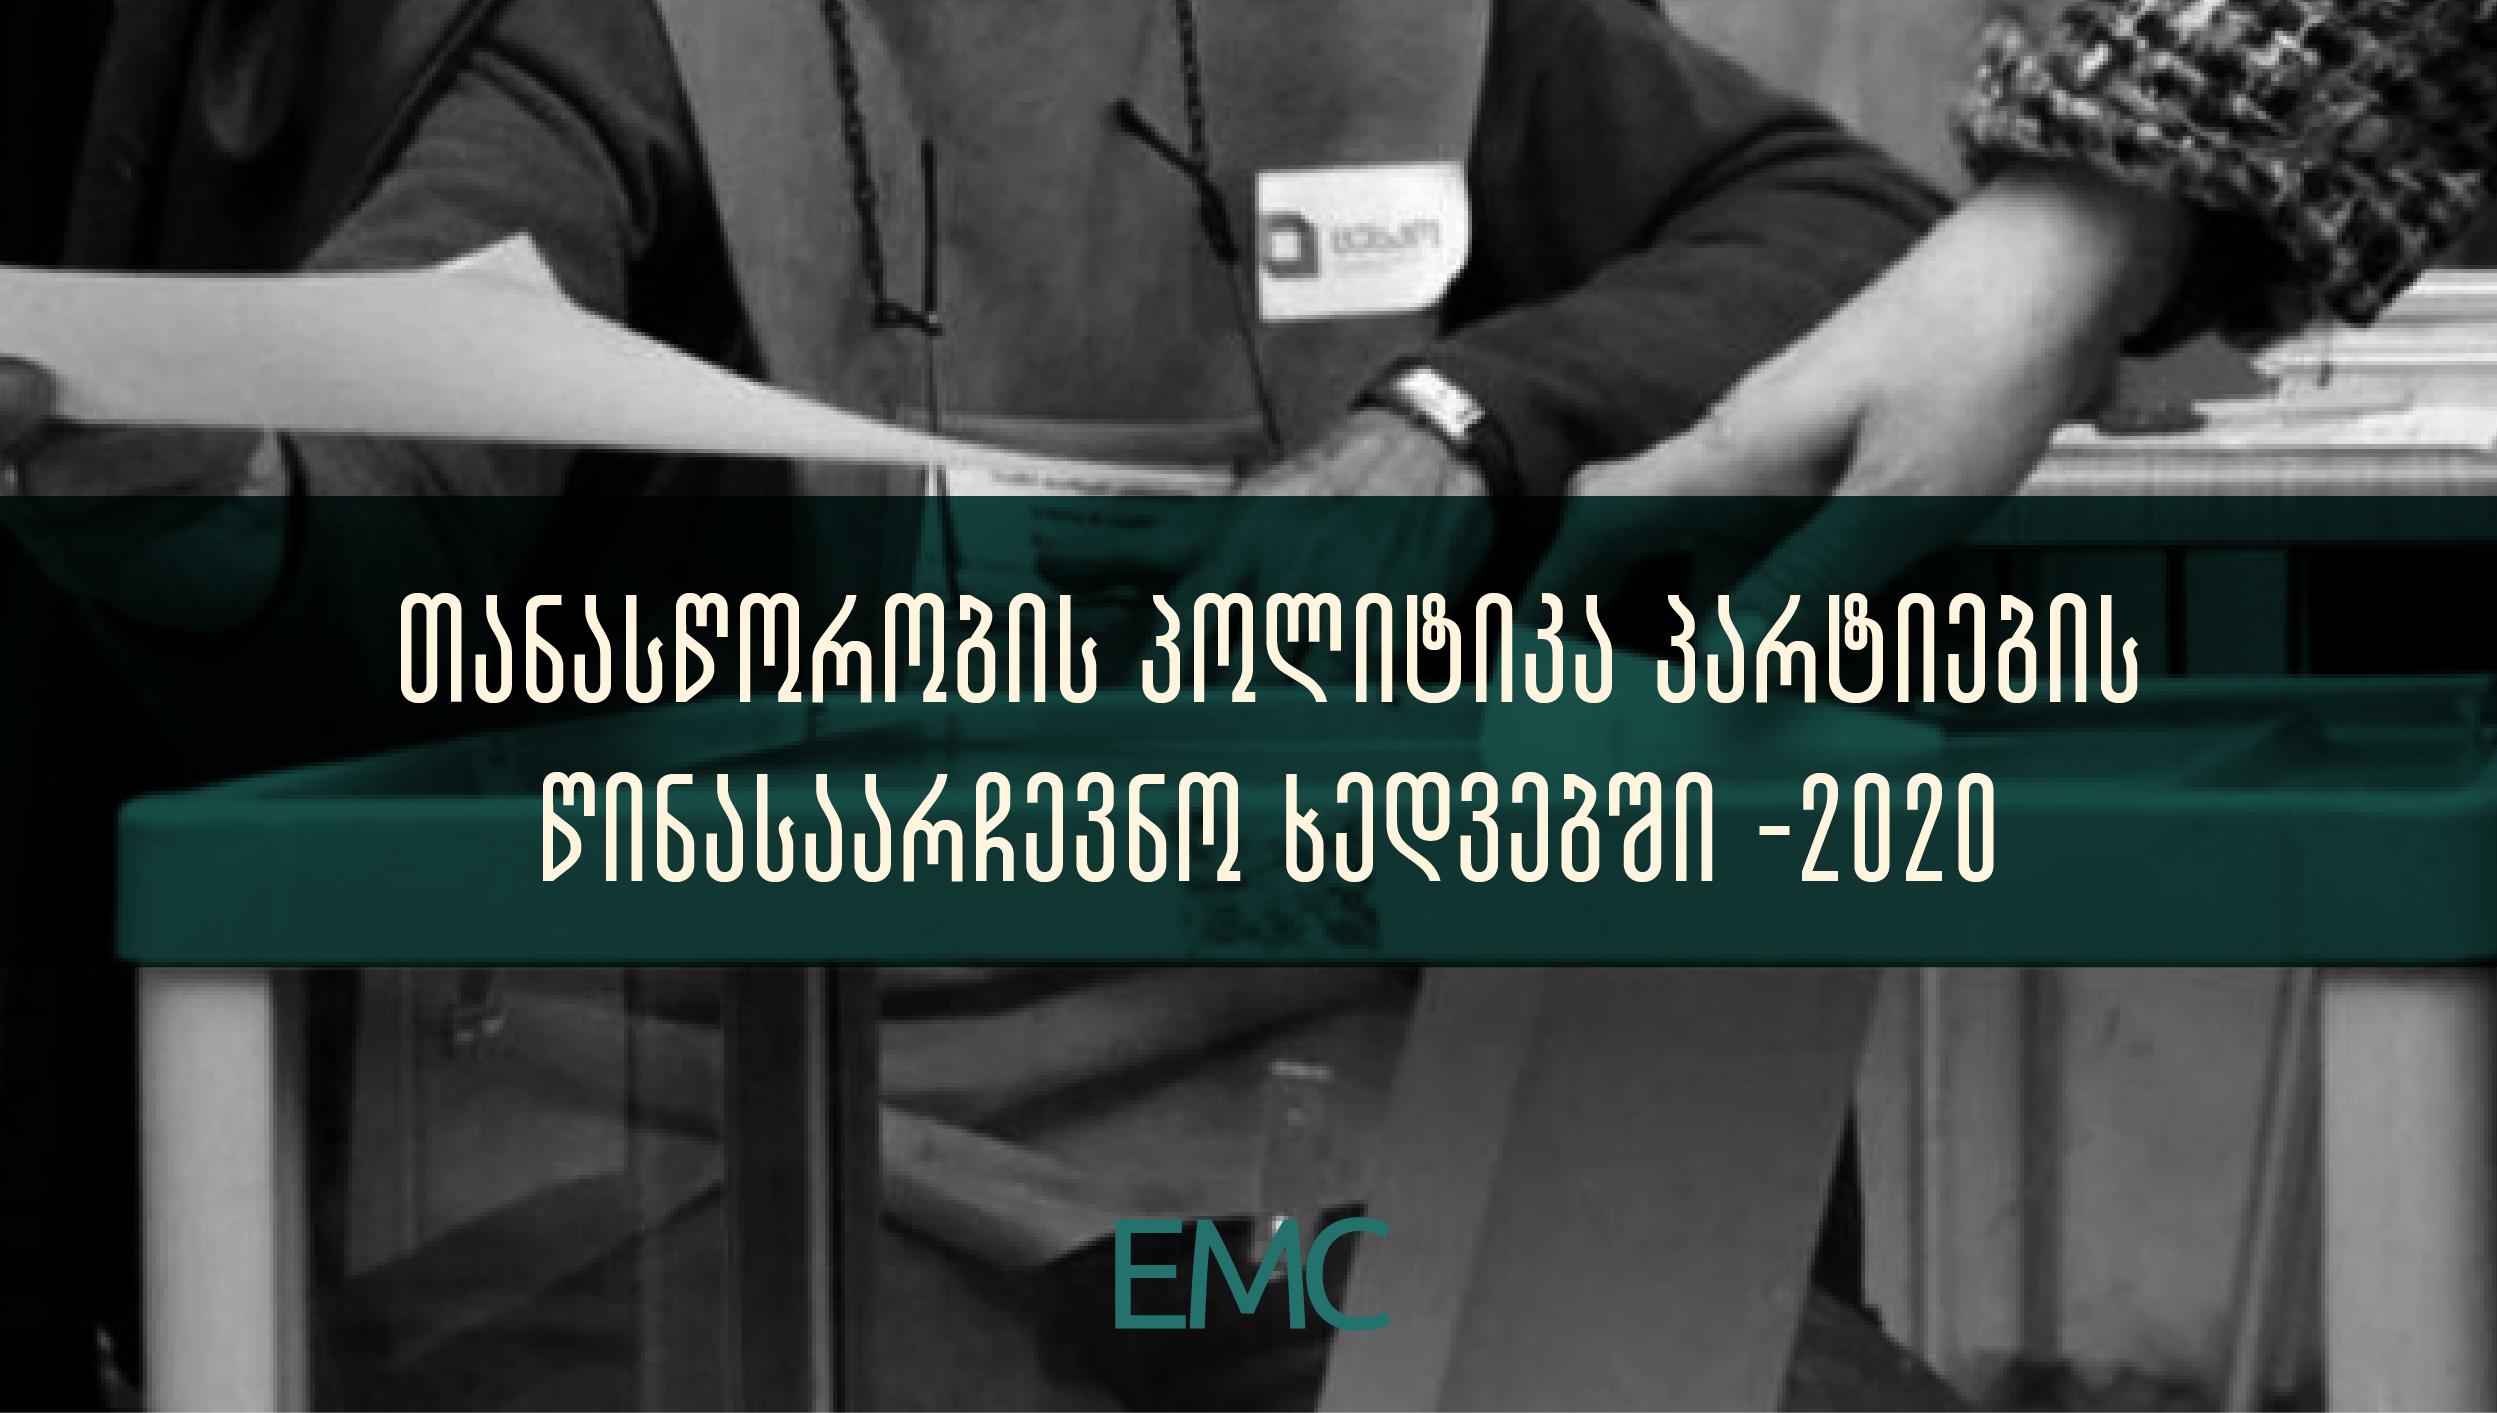 კონფლიქტის რეგიონები და ადამიანის უფლებები პარტიების წინასაარჩევნო ხედვებში - 2020